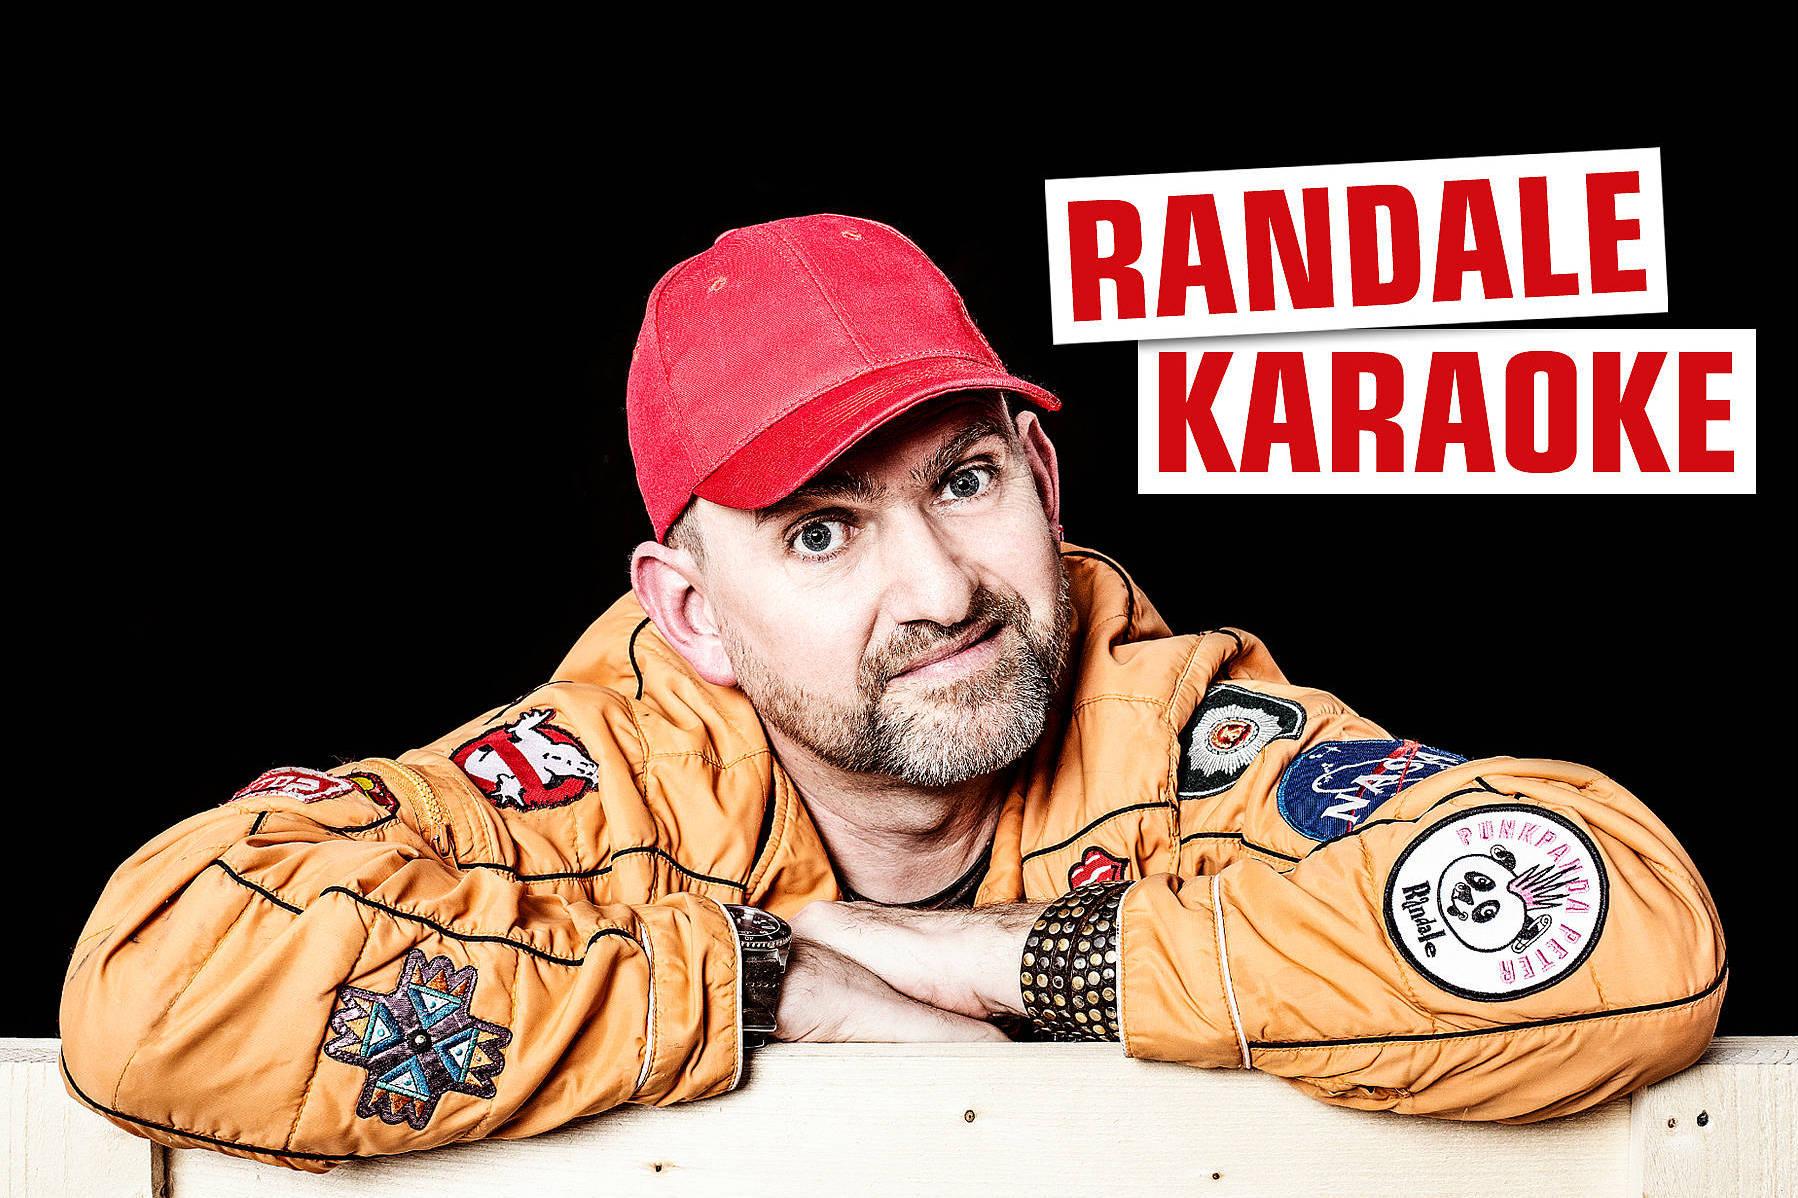 Randale Karaoke